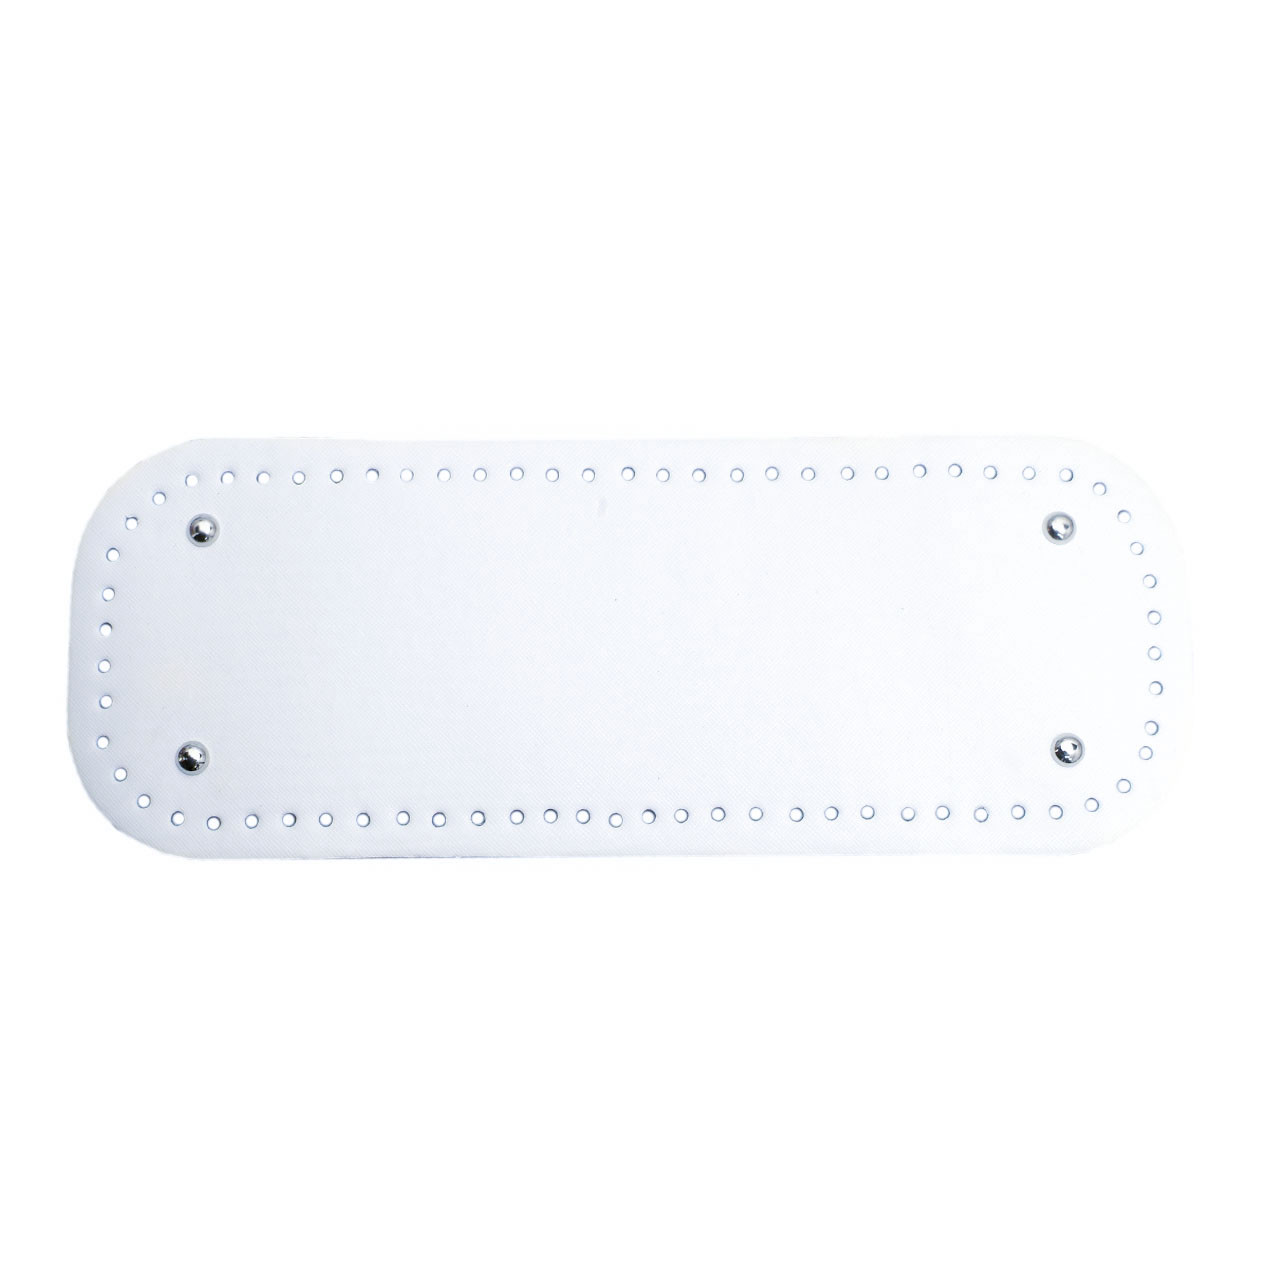 АКЦИЯ Донышко прямоугольное экокожа 12,5*33 см, Белое с ножками серебро